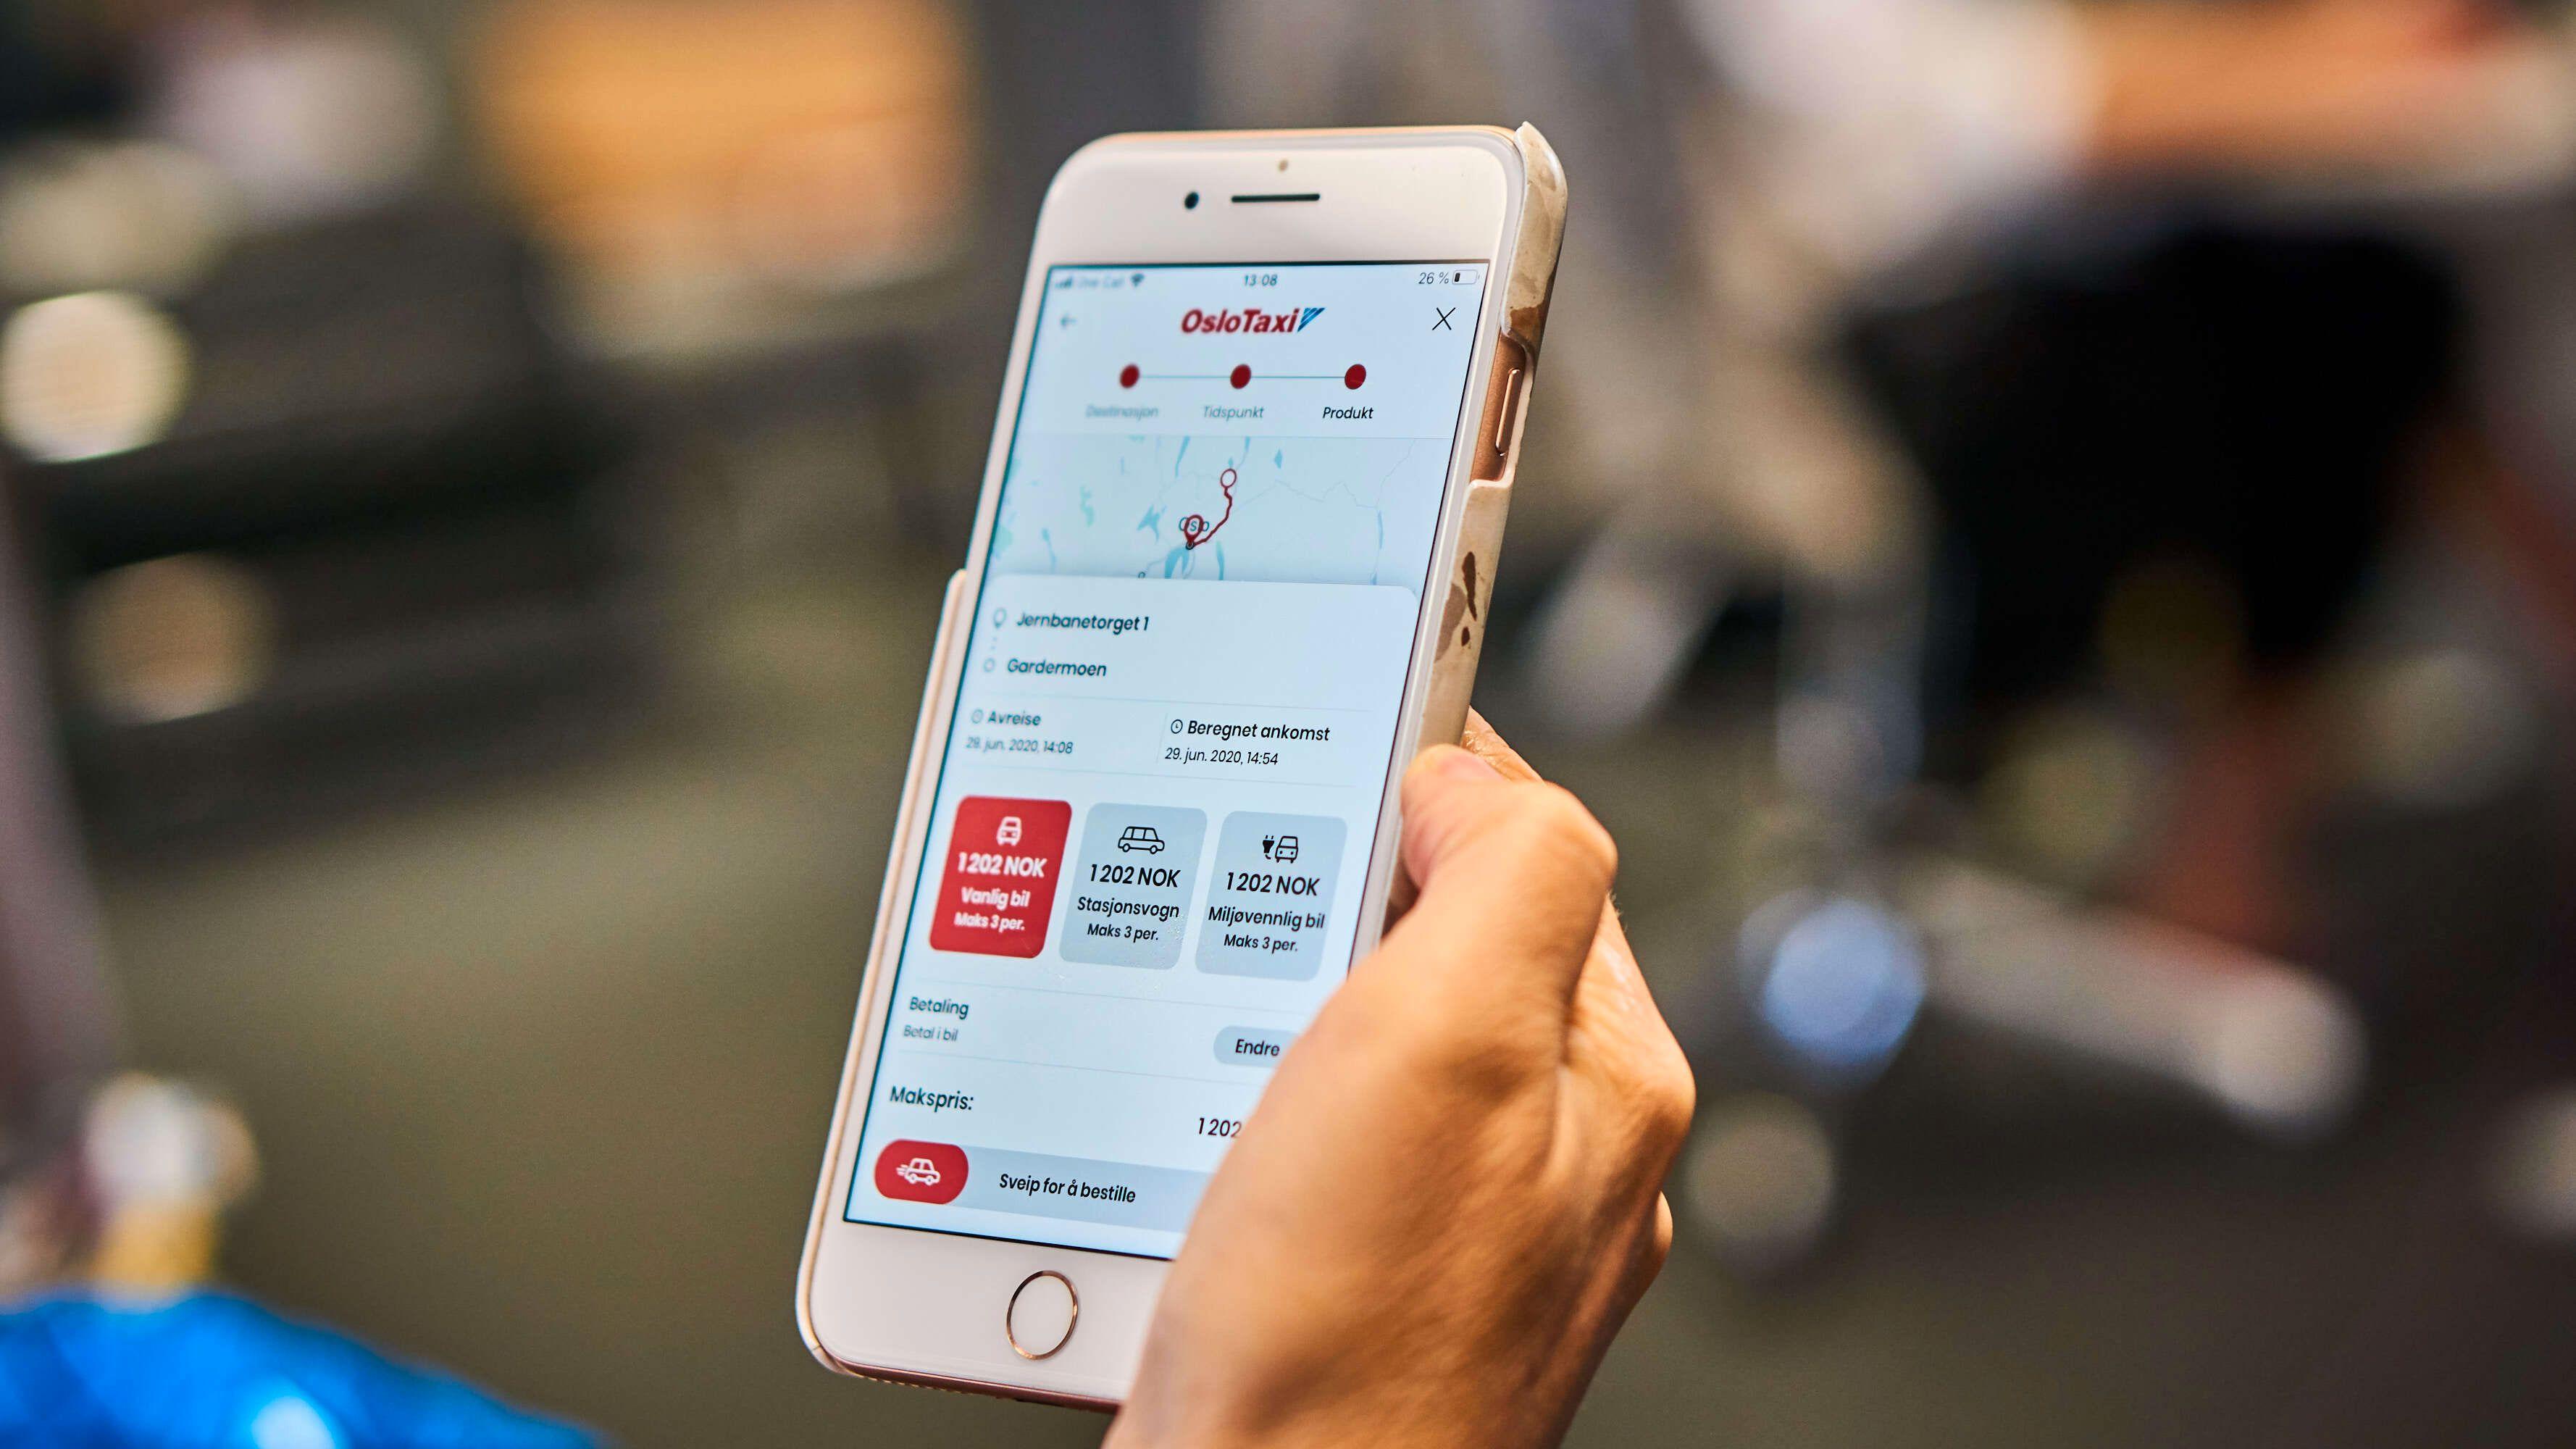 Den nye Taxifix-appen bringer med seg en del funksjoner vi blant annet kjenner fra Uber, som muligheten for samkjøring og å etterspørre biltype på forhånd.